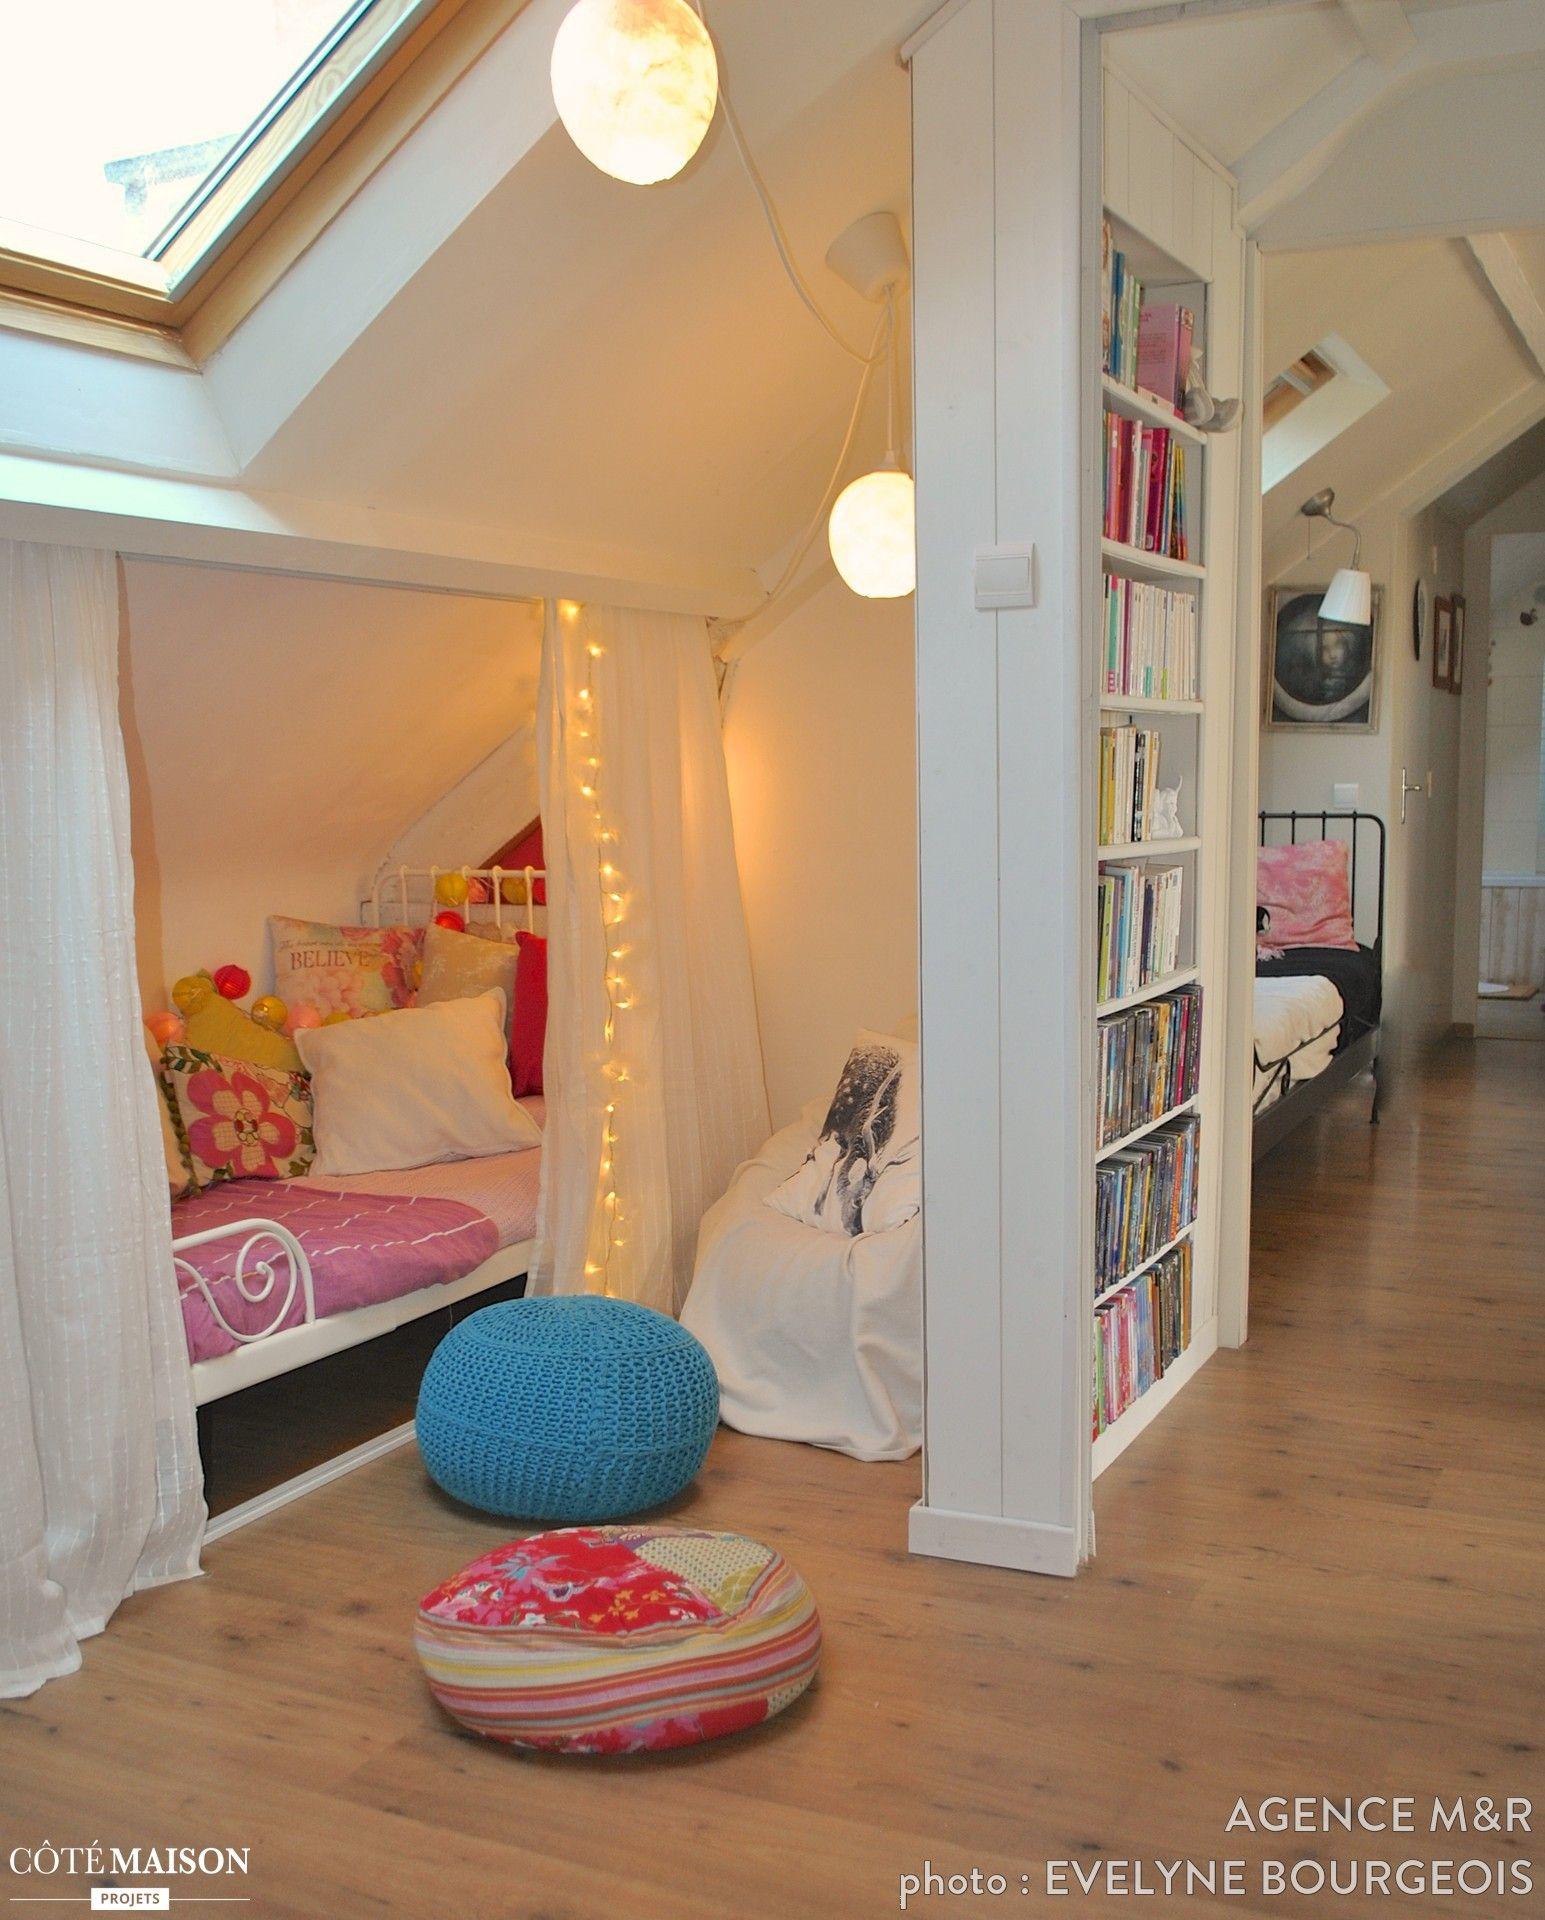 Deux chambres en une, agence m&r - Côté Maison | De bien bonnes ...